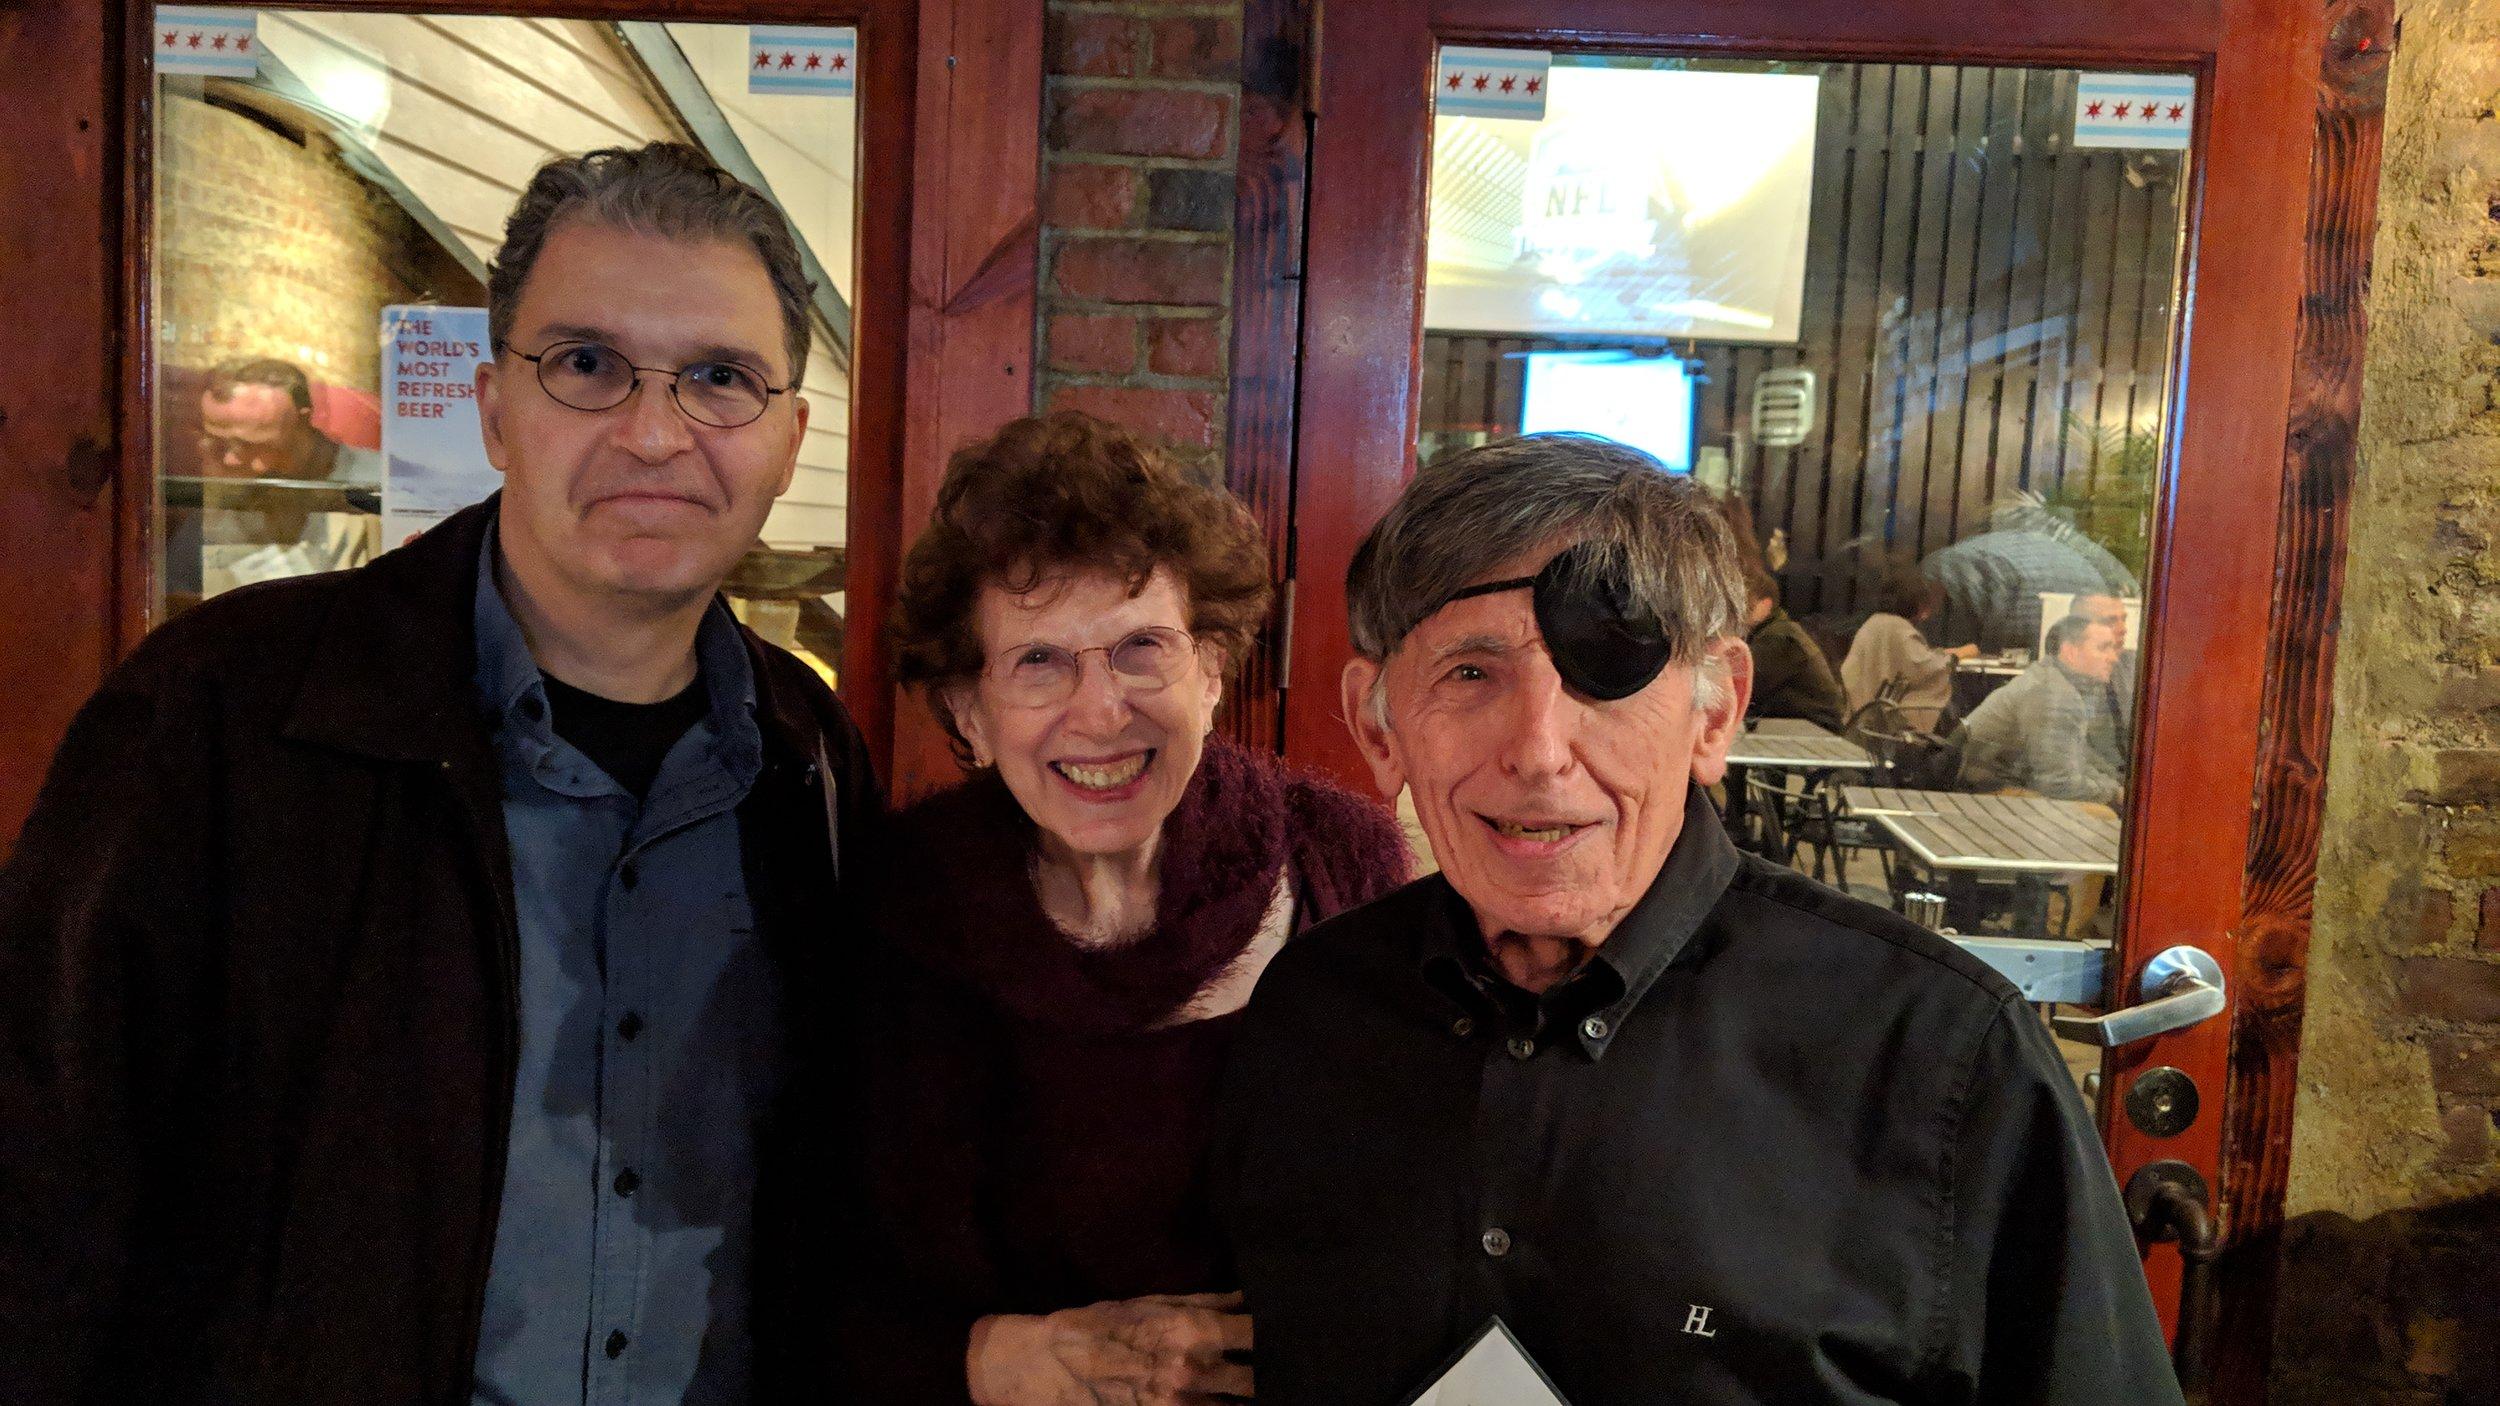 L-R Joe Dator, Judith and Mort Gerberg